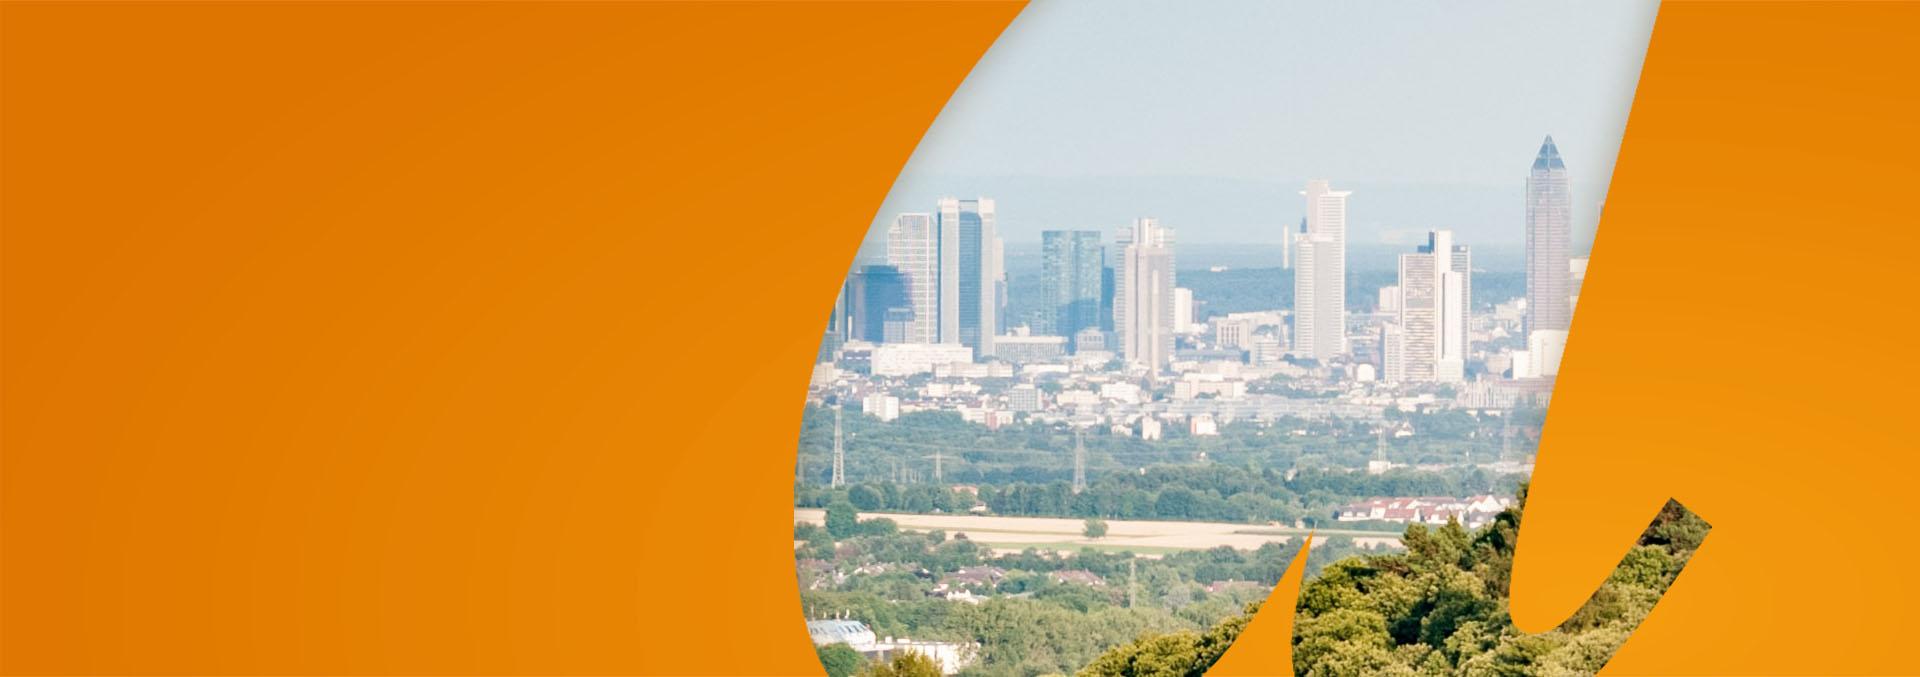 Blick auf die Skyline Frankfurt vom Taunus aus